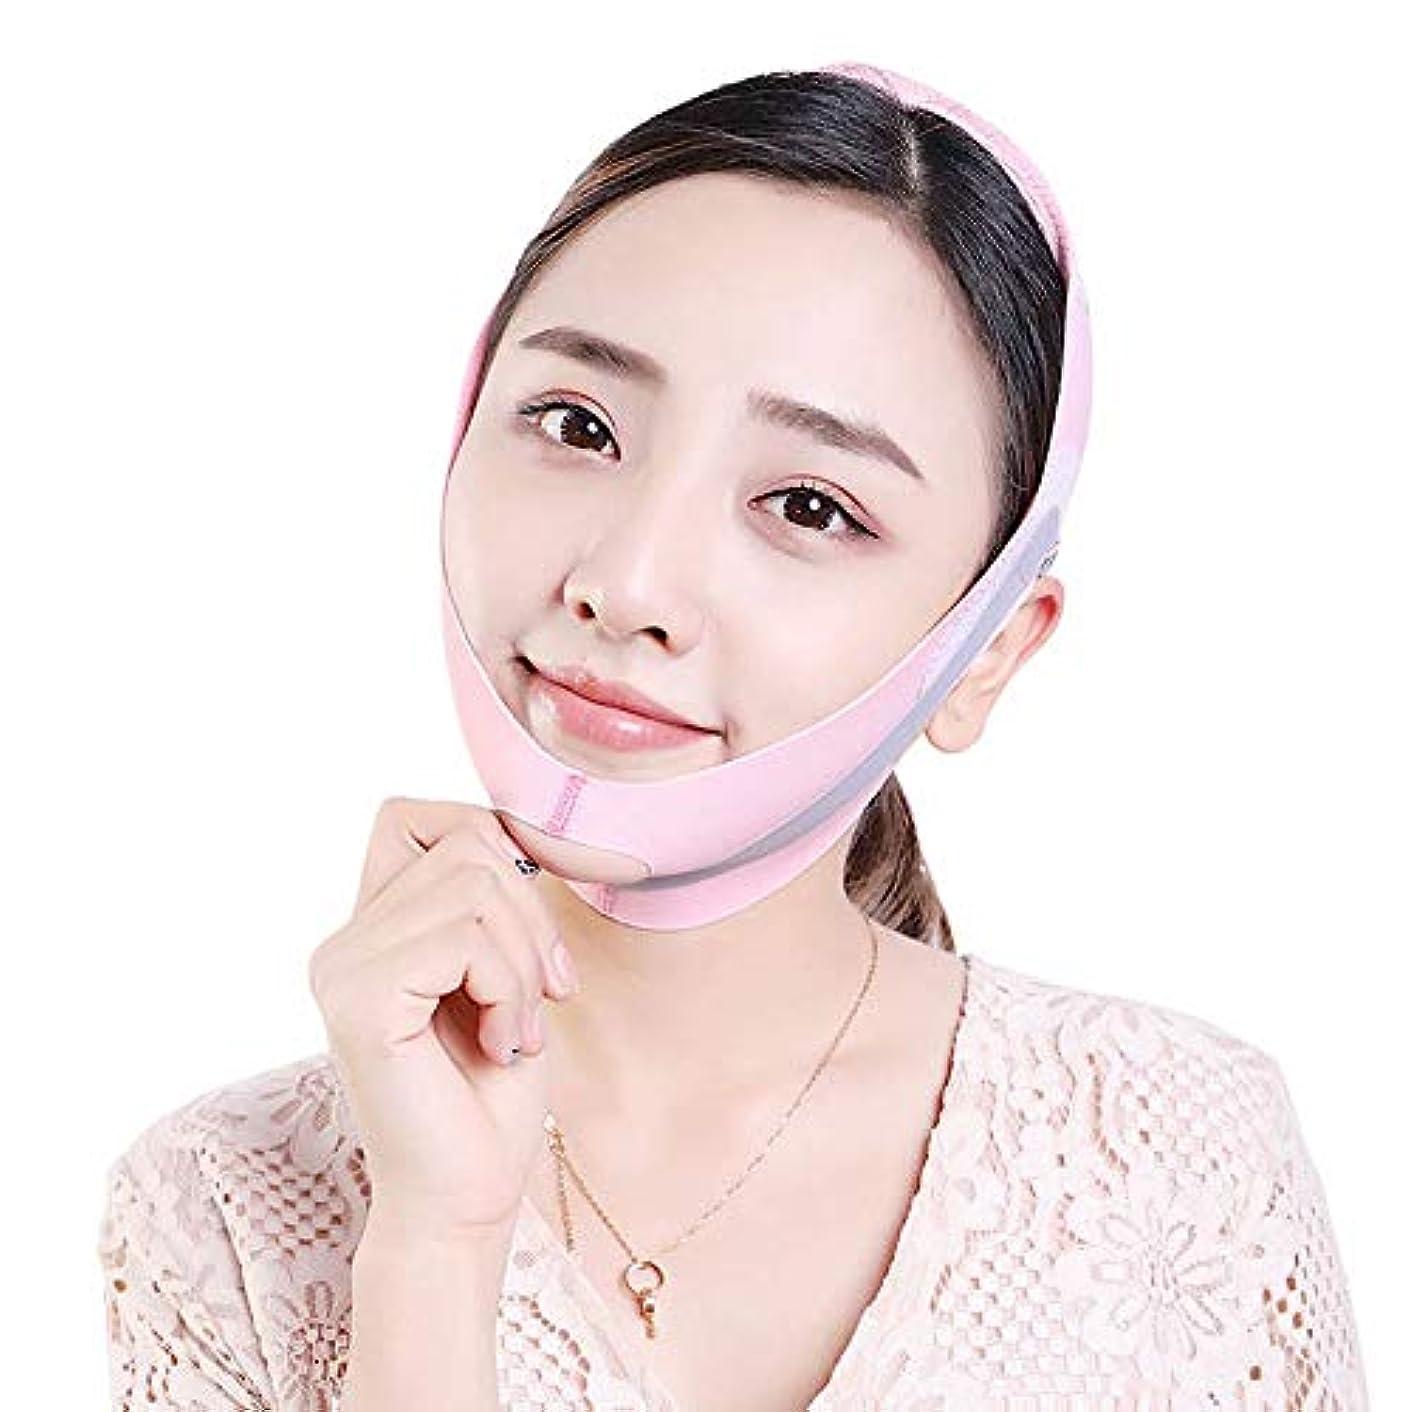 菊ガロンモチーフたるみを防ぐために顔を持ち上げるために筋肉を引き締めるために二重あごのステッカーとラインを削除するために、顔を持ち上げるアーティファクト包帯があります - ピンク